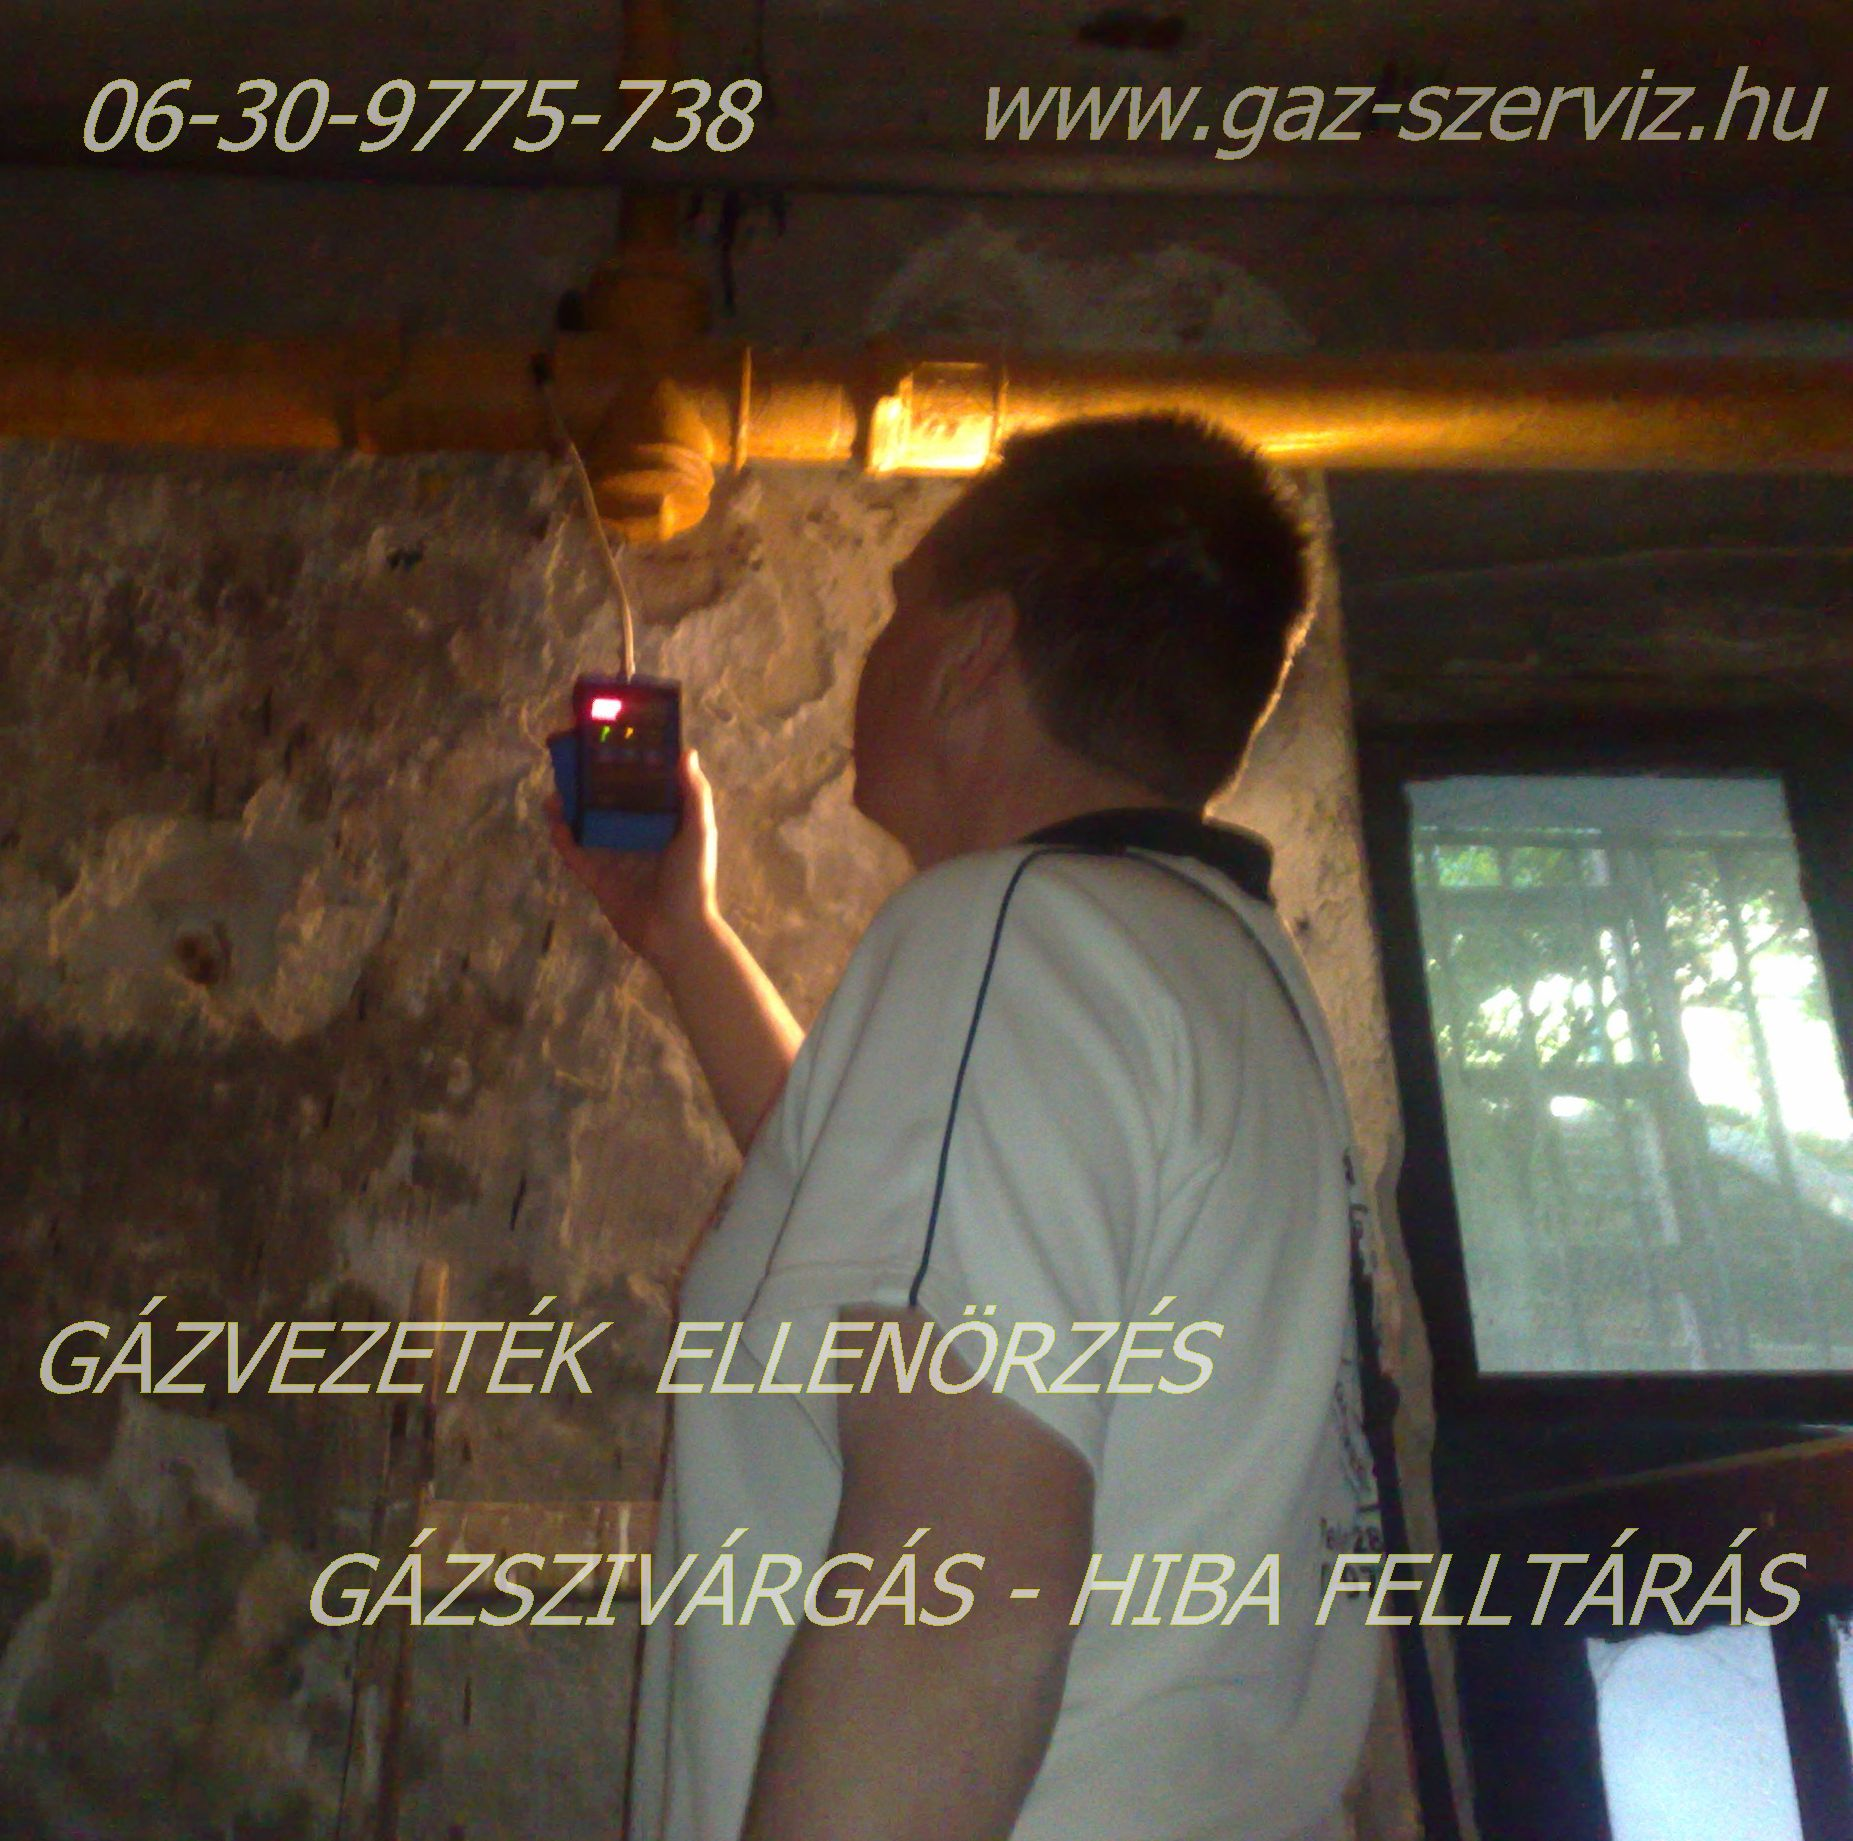 Társasházi gázszerelés - Gázszerelés - Gázvezeték szerelés - Gázvezeték ellenörzés  -  Gázszag - Hiba felltárás  - Gázvezeték szerelés  ( 06-30 ) 9775-738